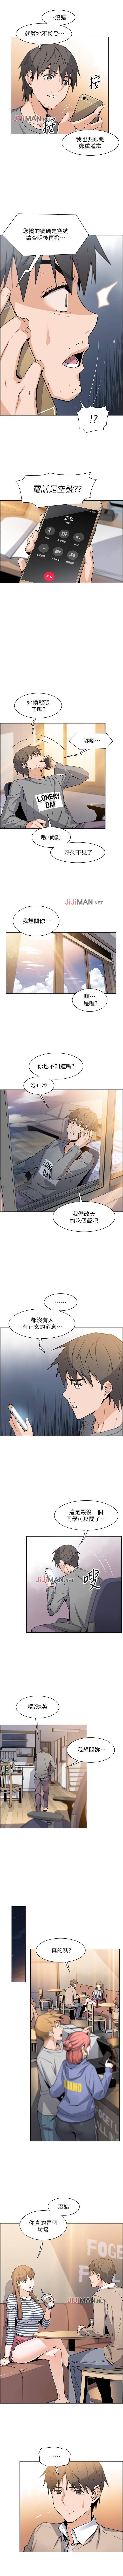 【周四连载】前女友变女佣(作者:PAPER&頸枕) 第1~33话 47